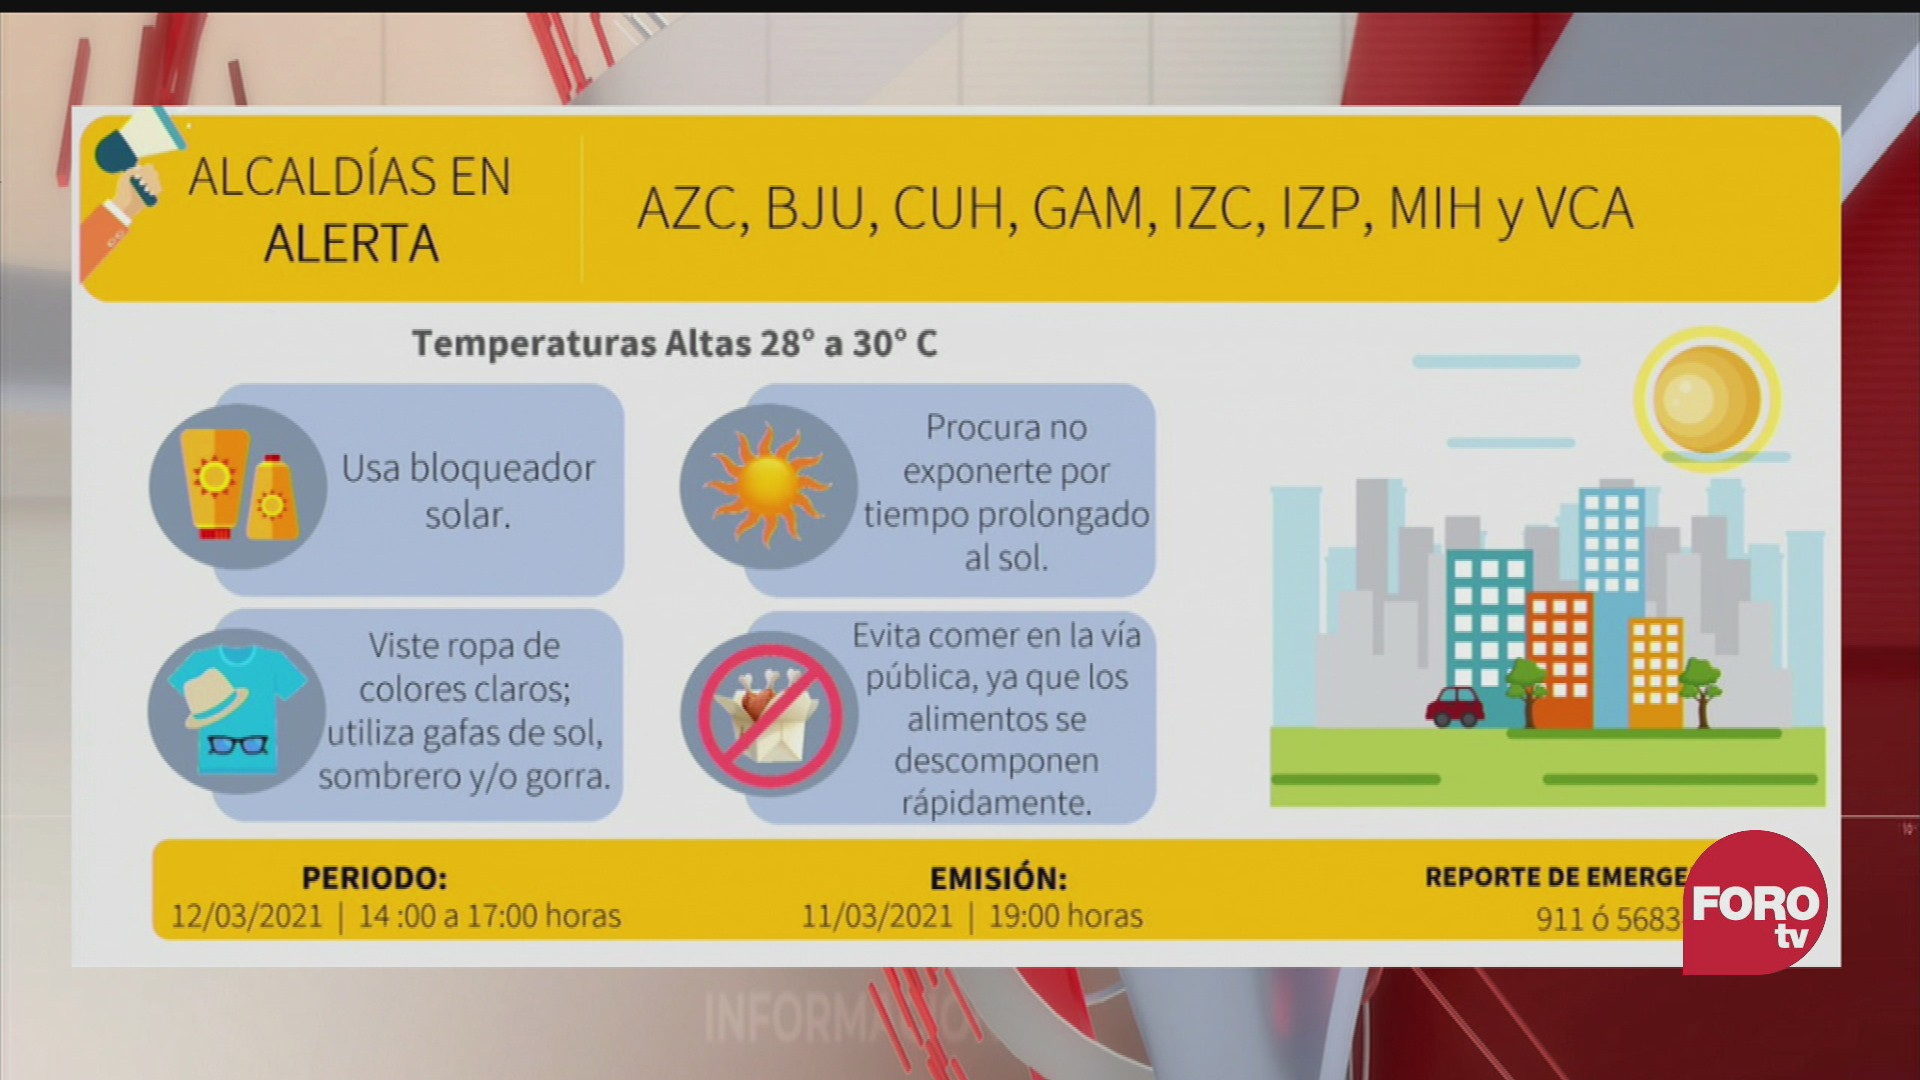 activan alerta en 8 alcaldias de cdmx por altas temperaturas